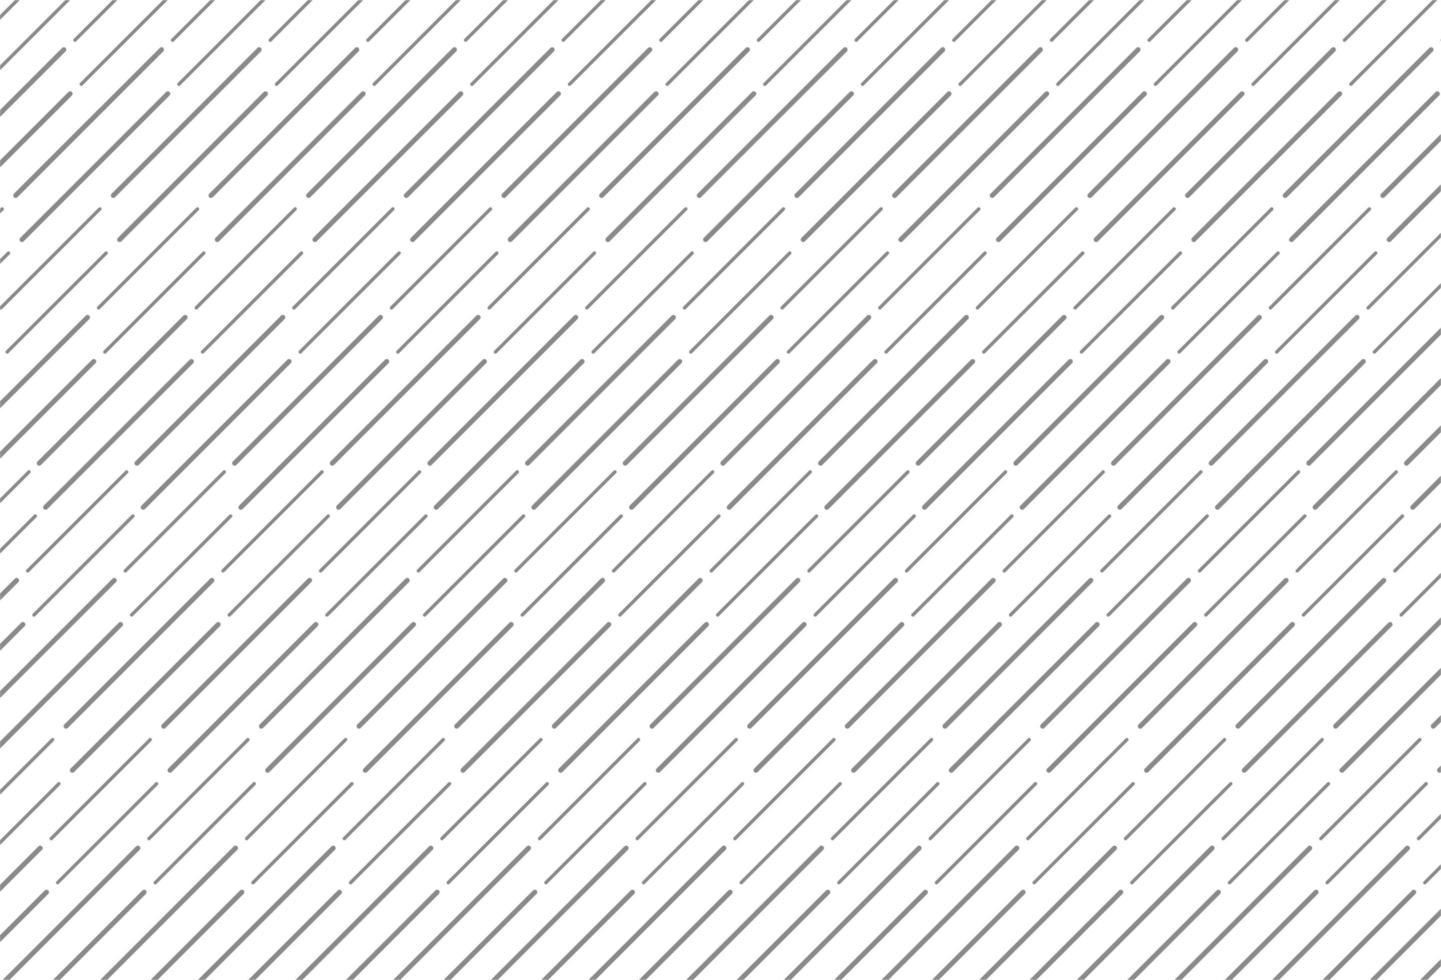 patrón de líneas inclinadas modernas vector